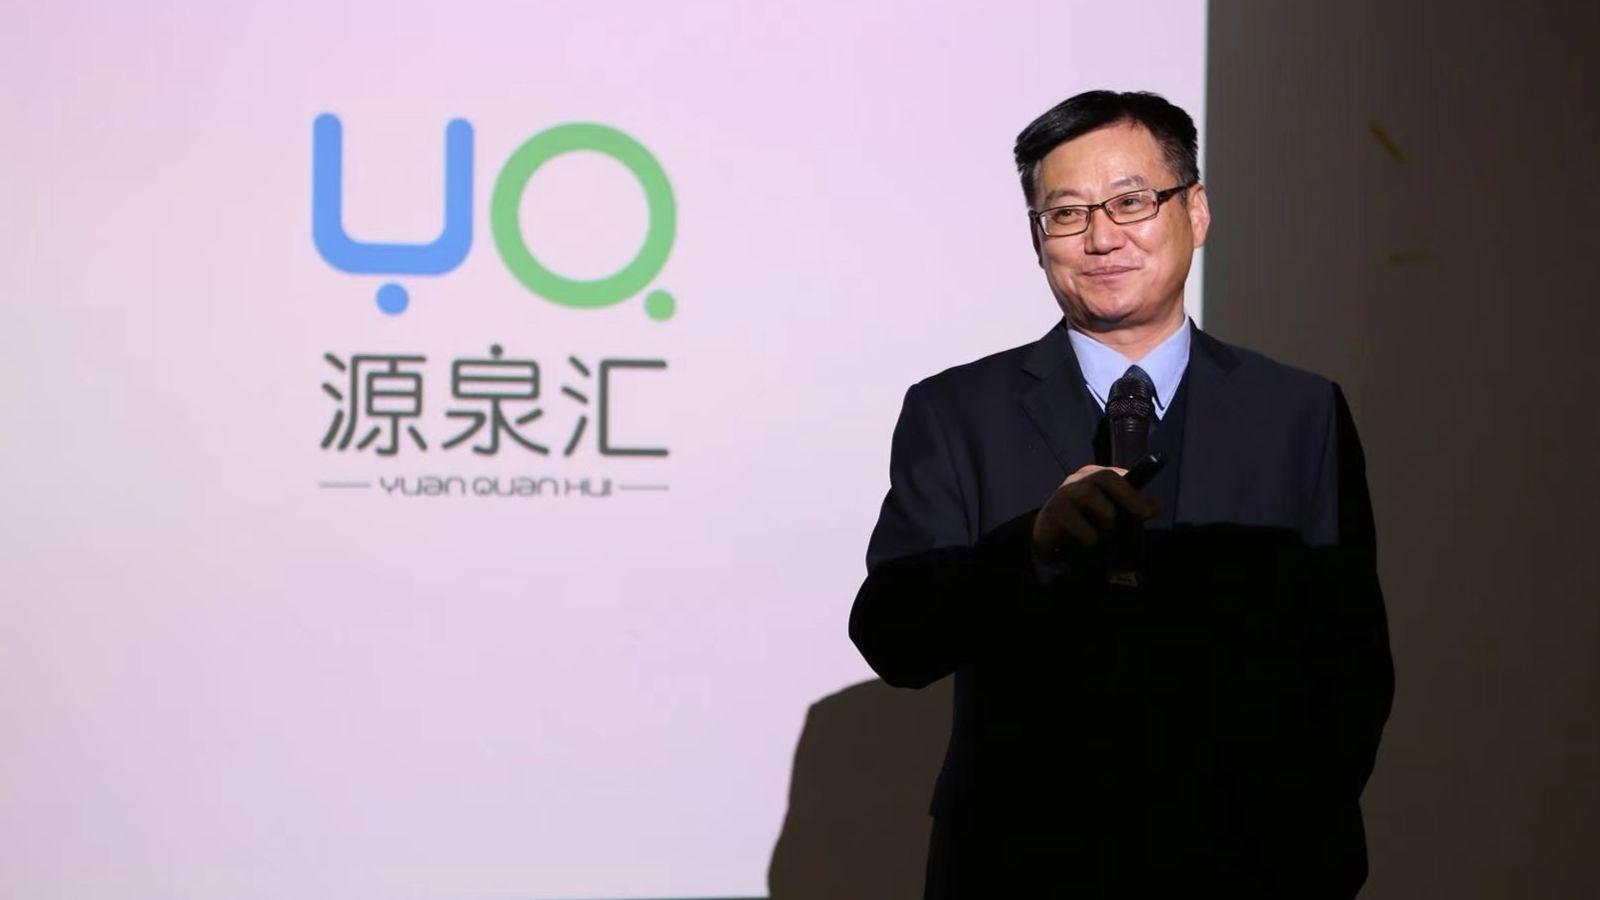 なぜ深圳はイノベーションを生み出せるのか?中国現地インキュベーターが語る、5つの理由